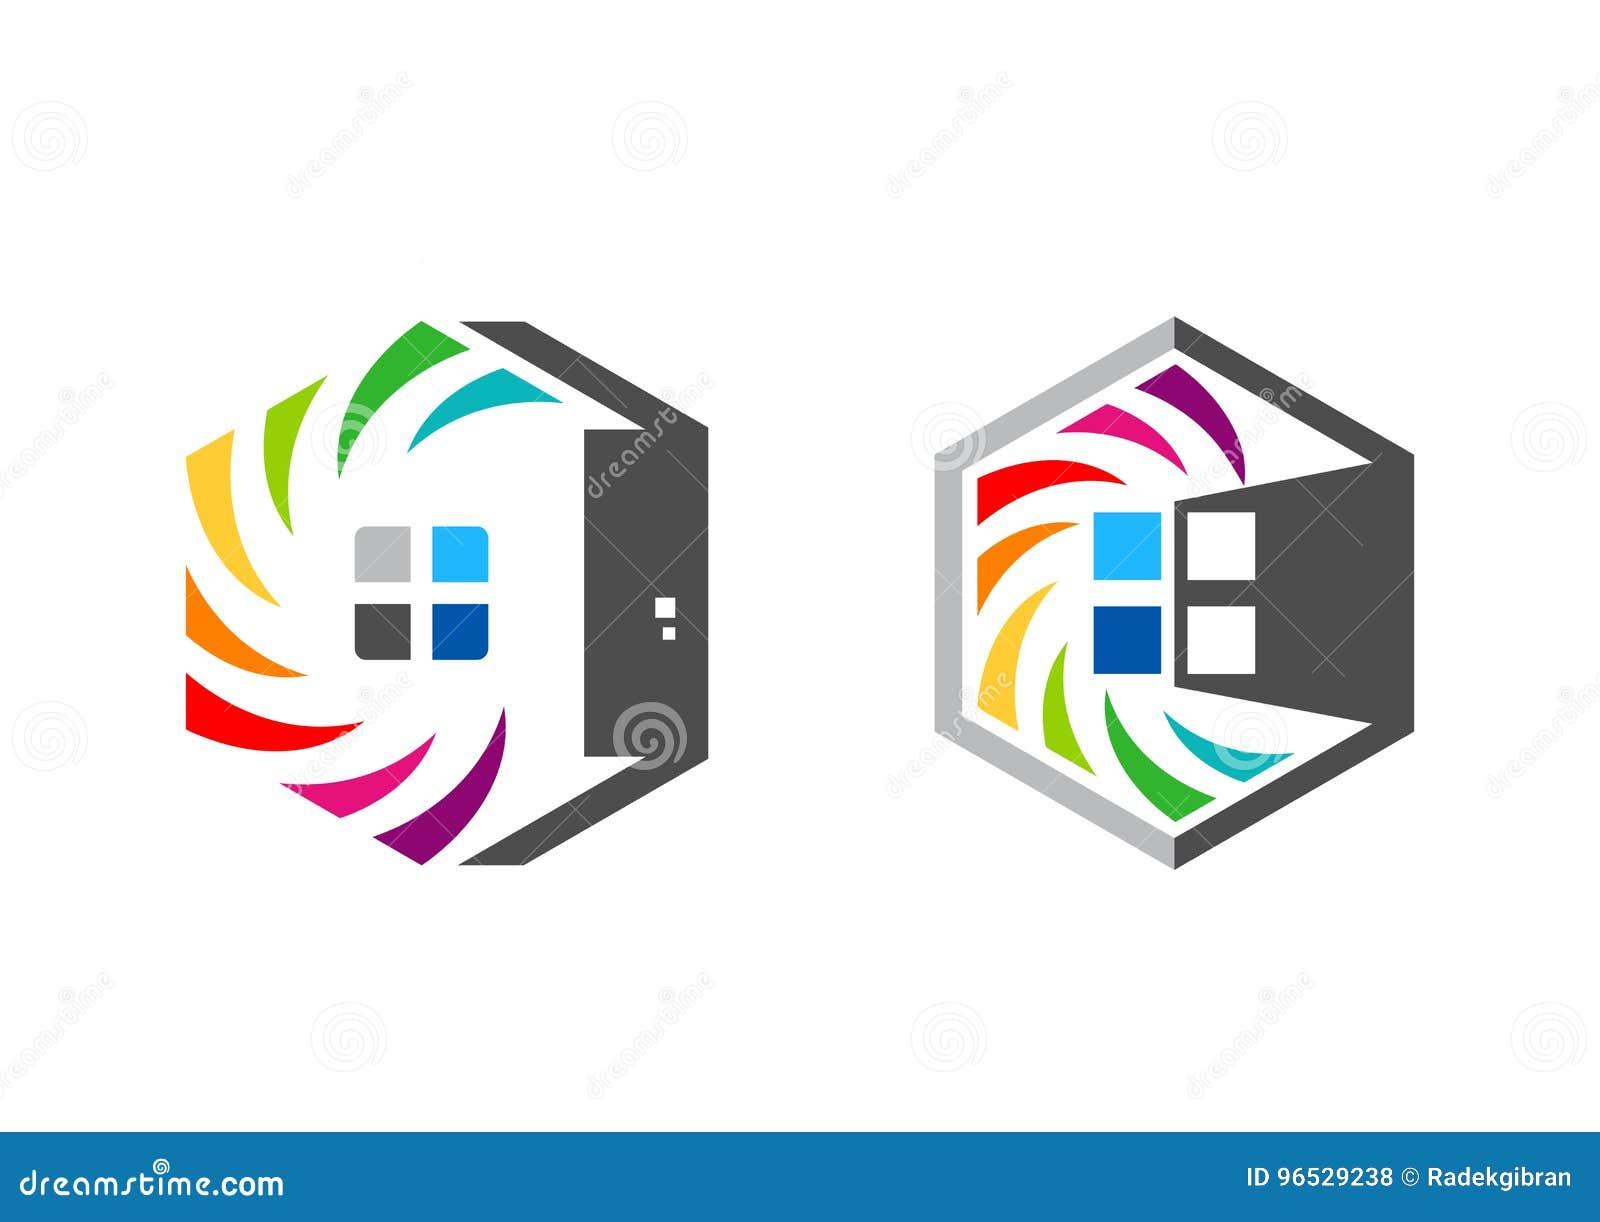 Το σπίτι, ακίνητη περιουσία, hexagon, σπίτι, λογότυπο, σύνολο ουράνιου τόξου το διανυσματικό σχέδιο εικονιδίων συμβόλων οικοδόμησ